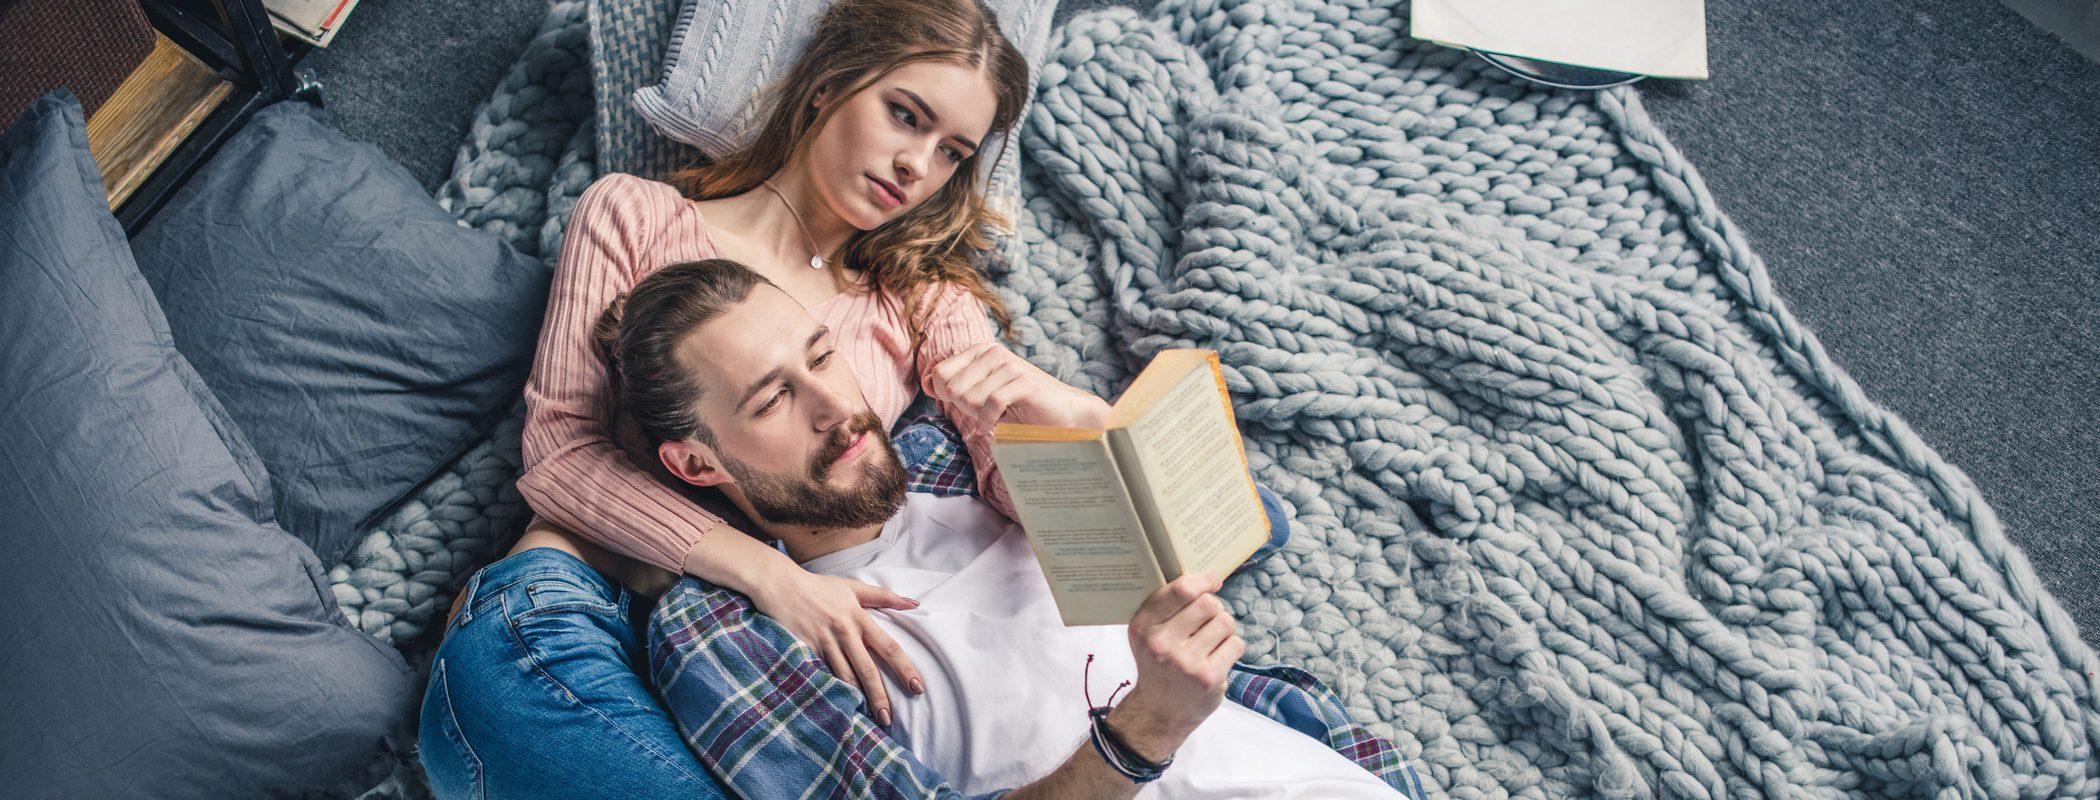 Ventajas e inconvenientes de tener una relación monógama